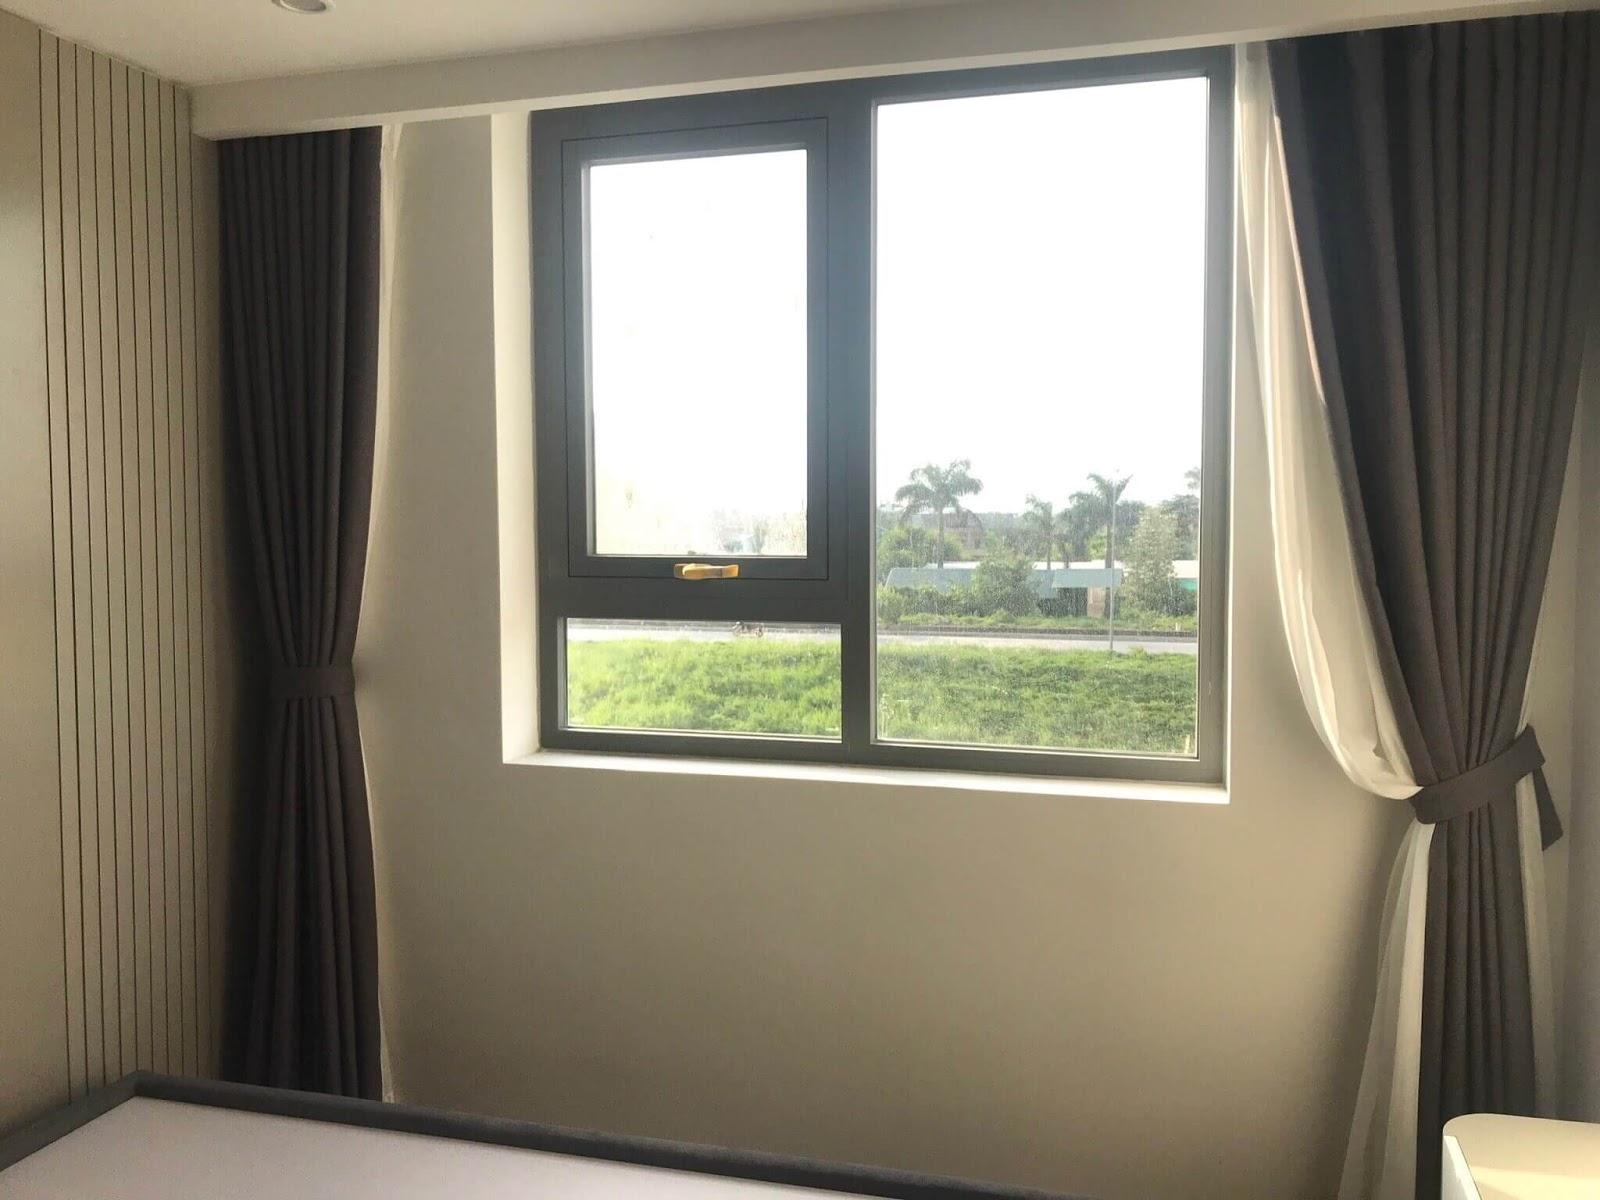 Phòng ngủ với view đẹp và cửa sổ rộng.